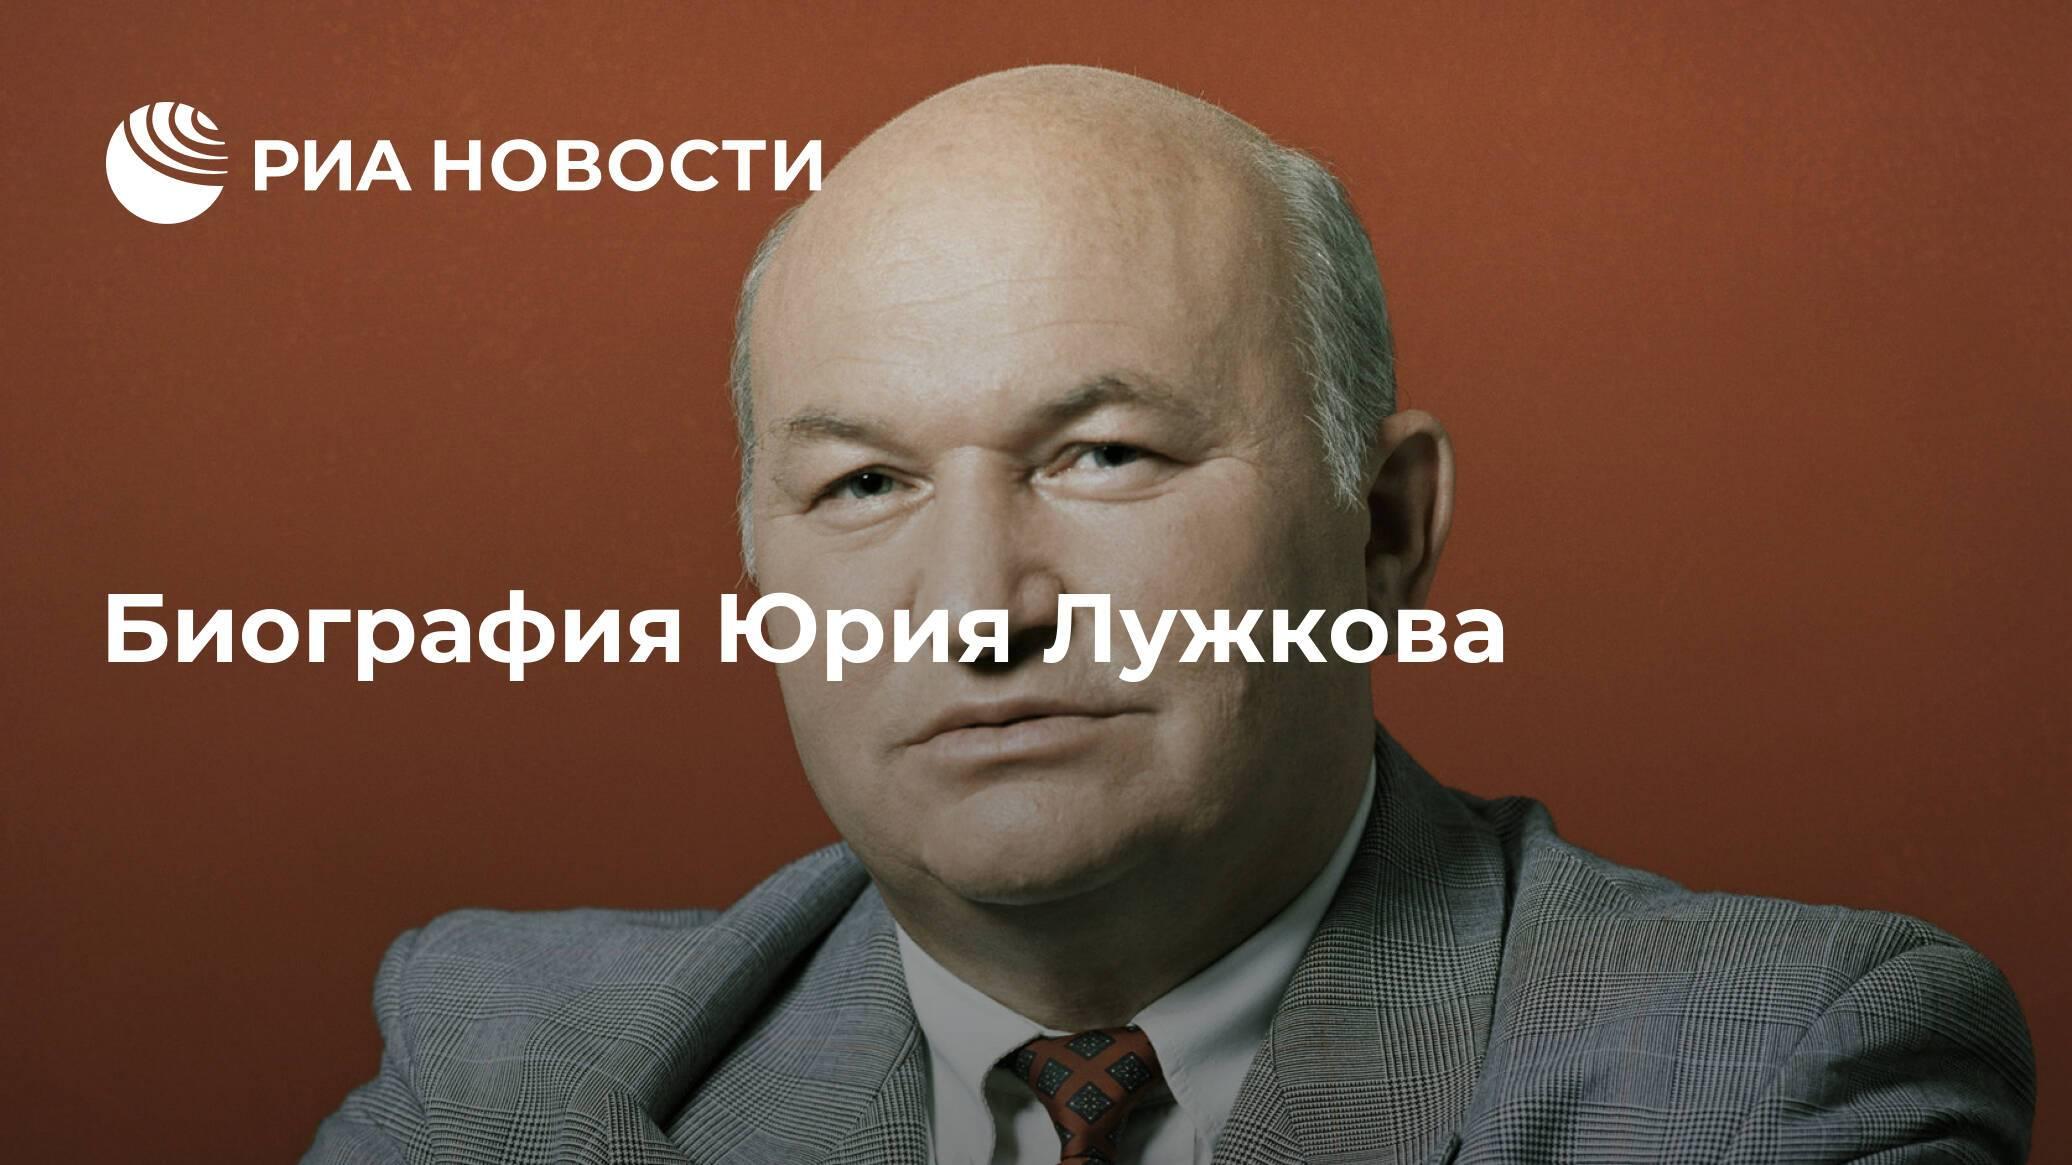 Юрий лужков - биография, информация, личная жизнь